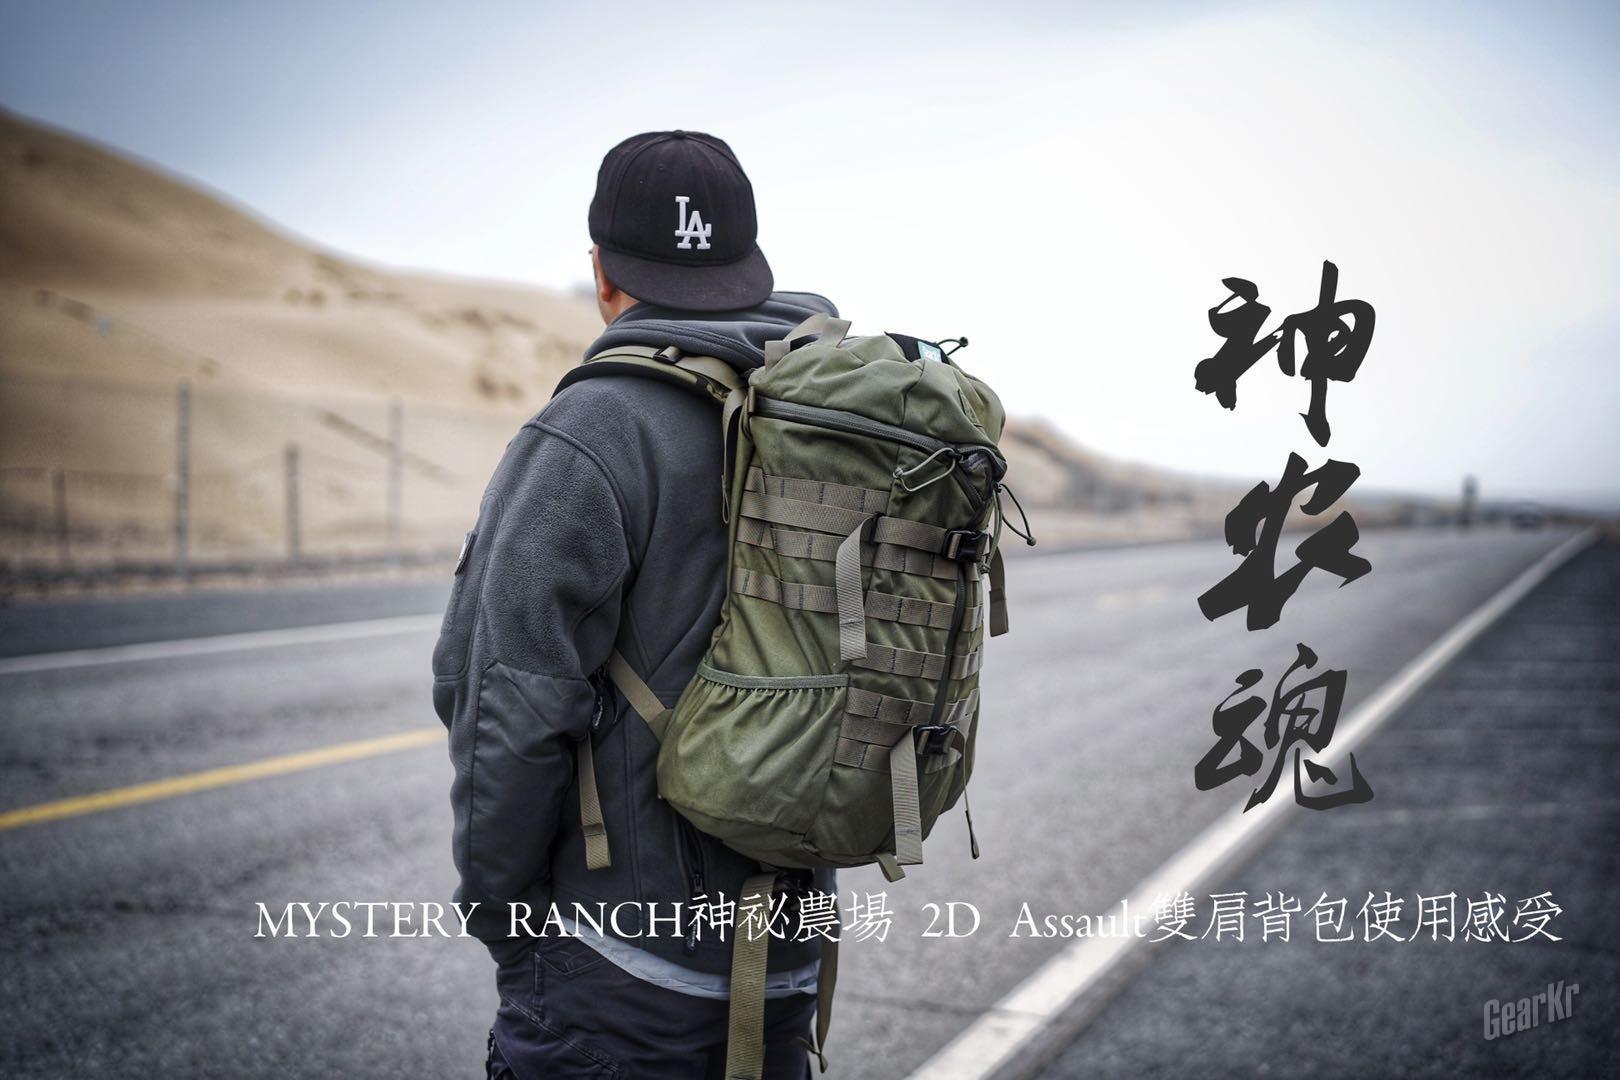 神农魂——MYSTERY RANCH神秘农场 2D Assault双肩背包使用感受